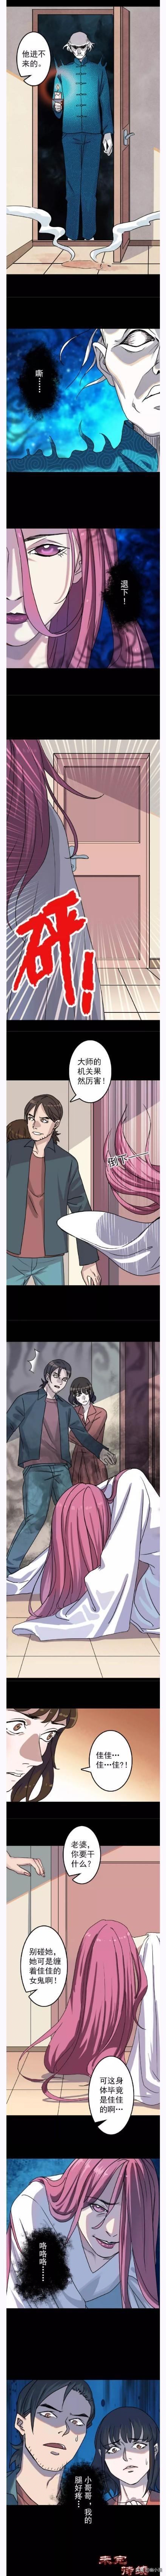 恐怖悬疑惊悚盗墓漫画小说《凶棺》连载-第14章:大师的机关